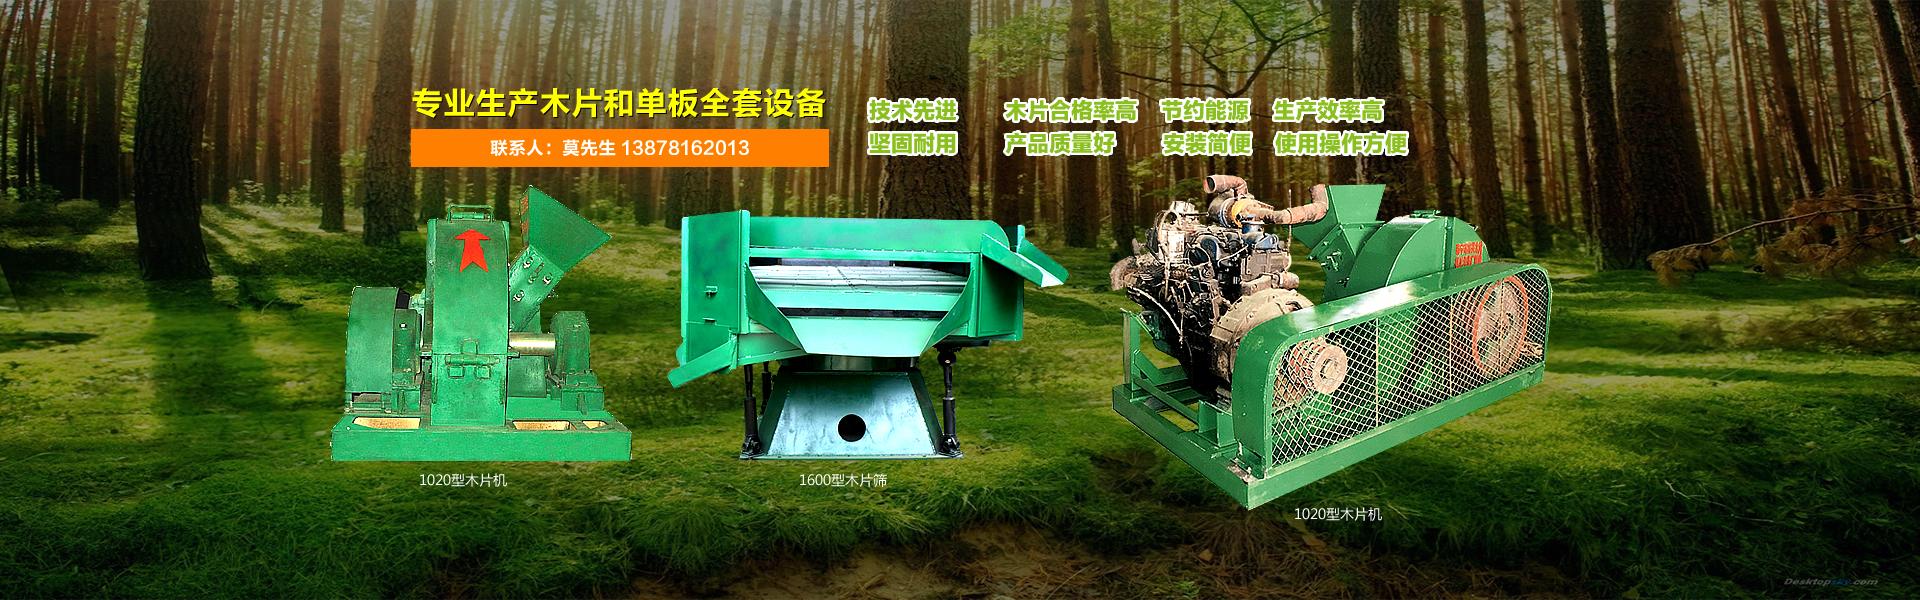 南宁林兴木片机械加工厂-专业生产木材加工设备_削片机_木片机_去皮机公司